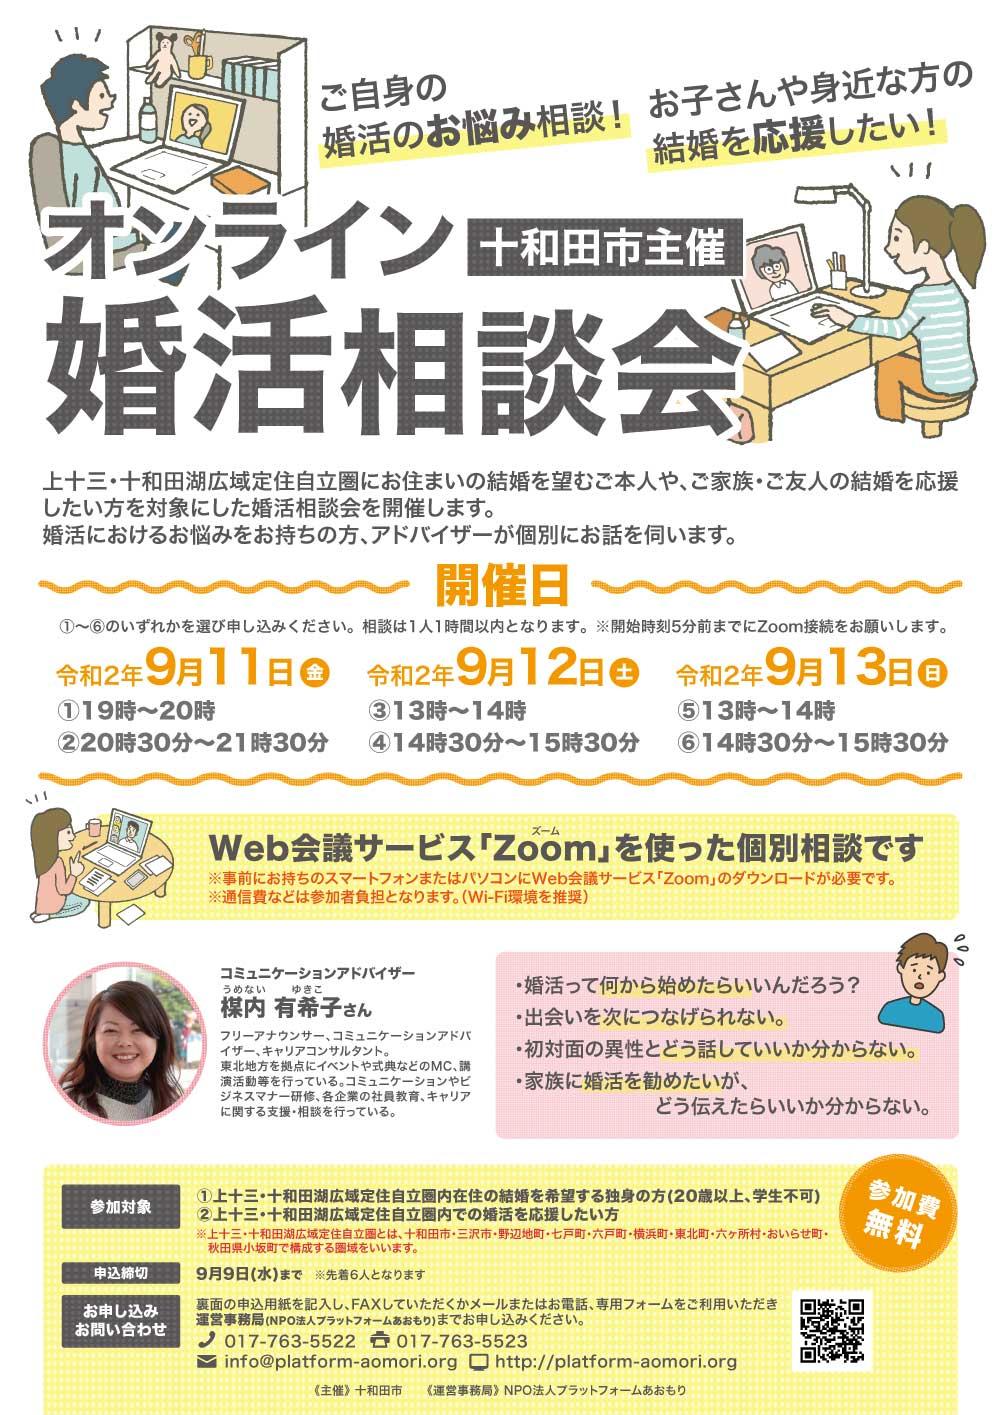 【十和田市】オンライン婚活相談会